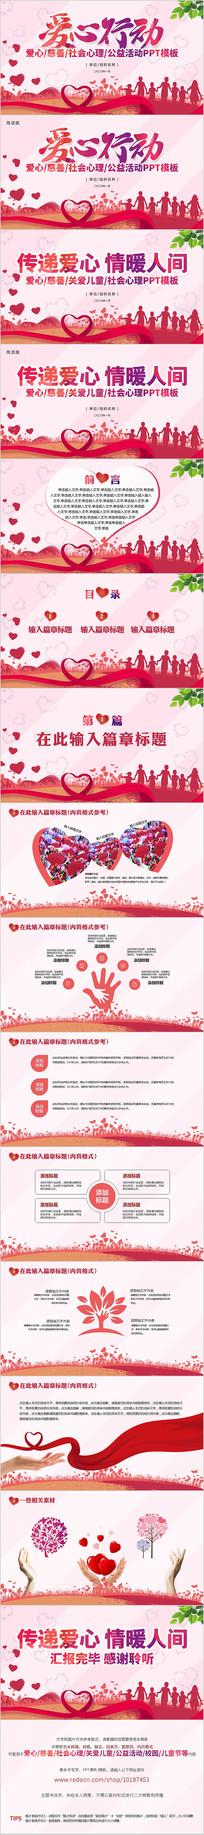 爱心慈善公益社会心理PPT模板